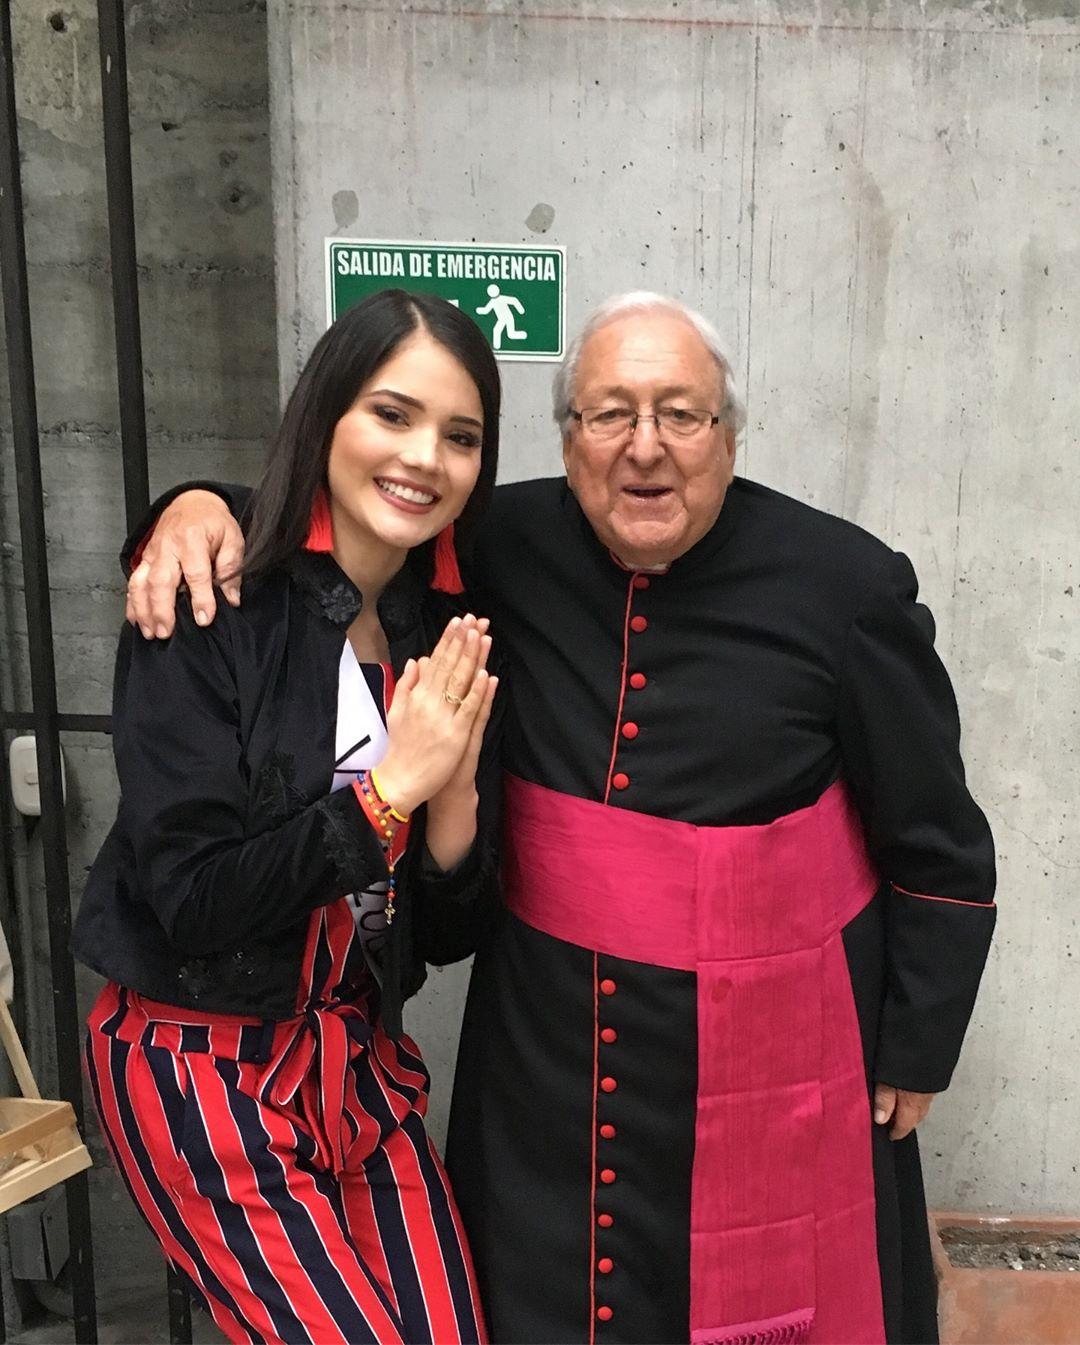 maria sofia contreras trujillo, segunda finalista de reynado internacional cafe 2019. - Página 5 47691910